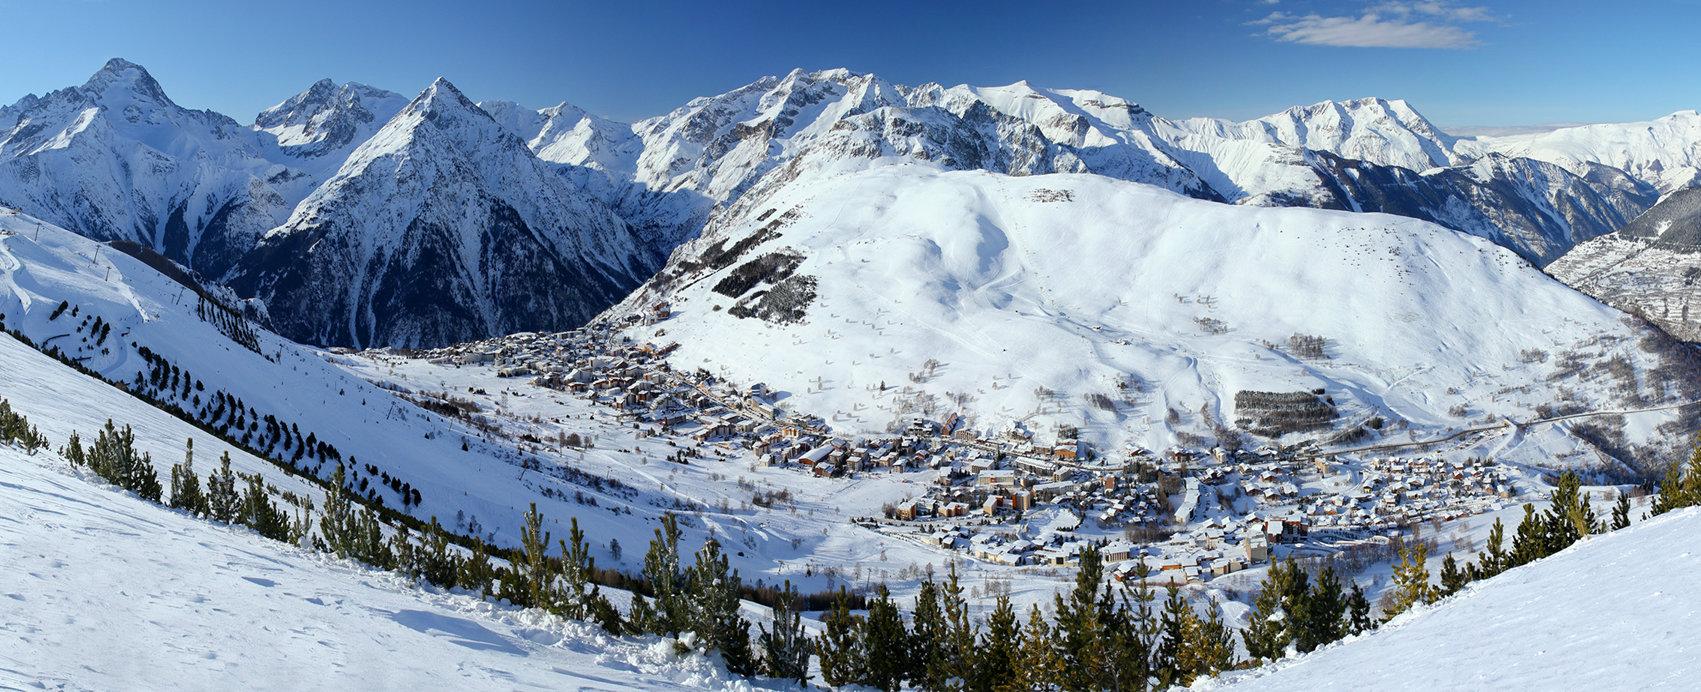 Vue sur la station de ski des 2 Alpes - © B. Longo / OT des 2 Alpes